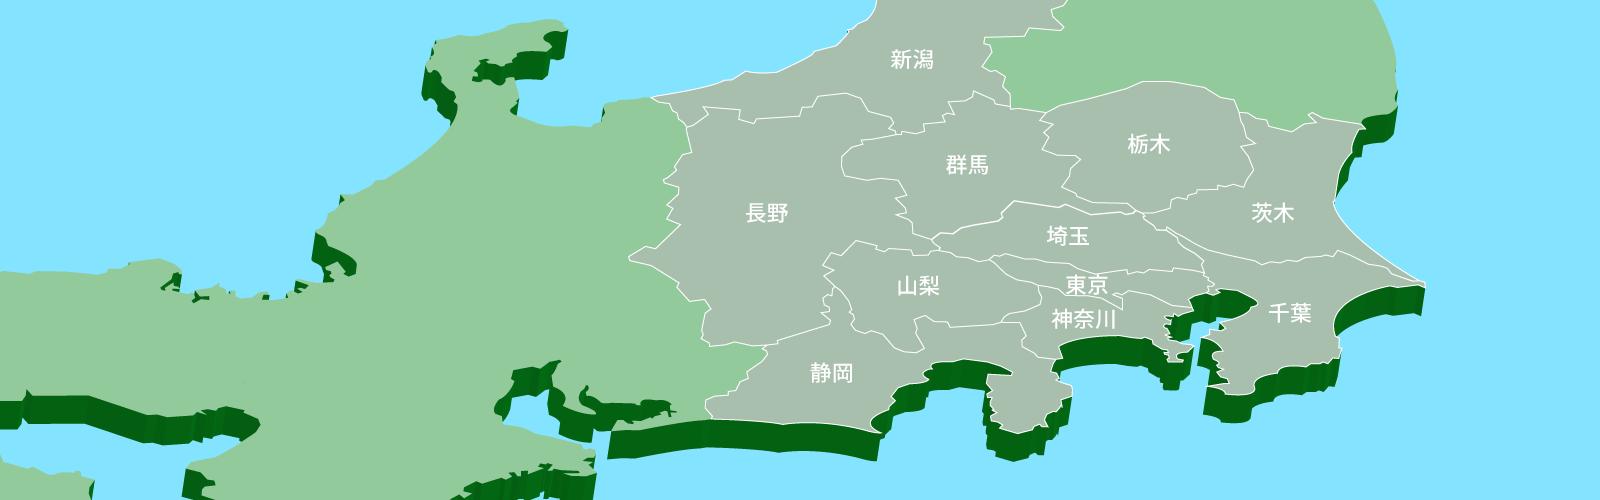 関東・甲信越エリア地図